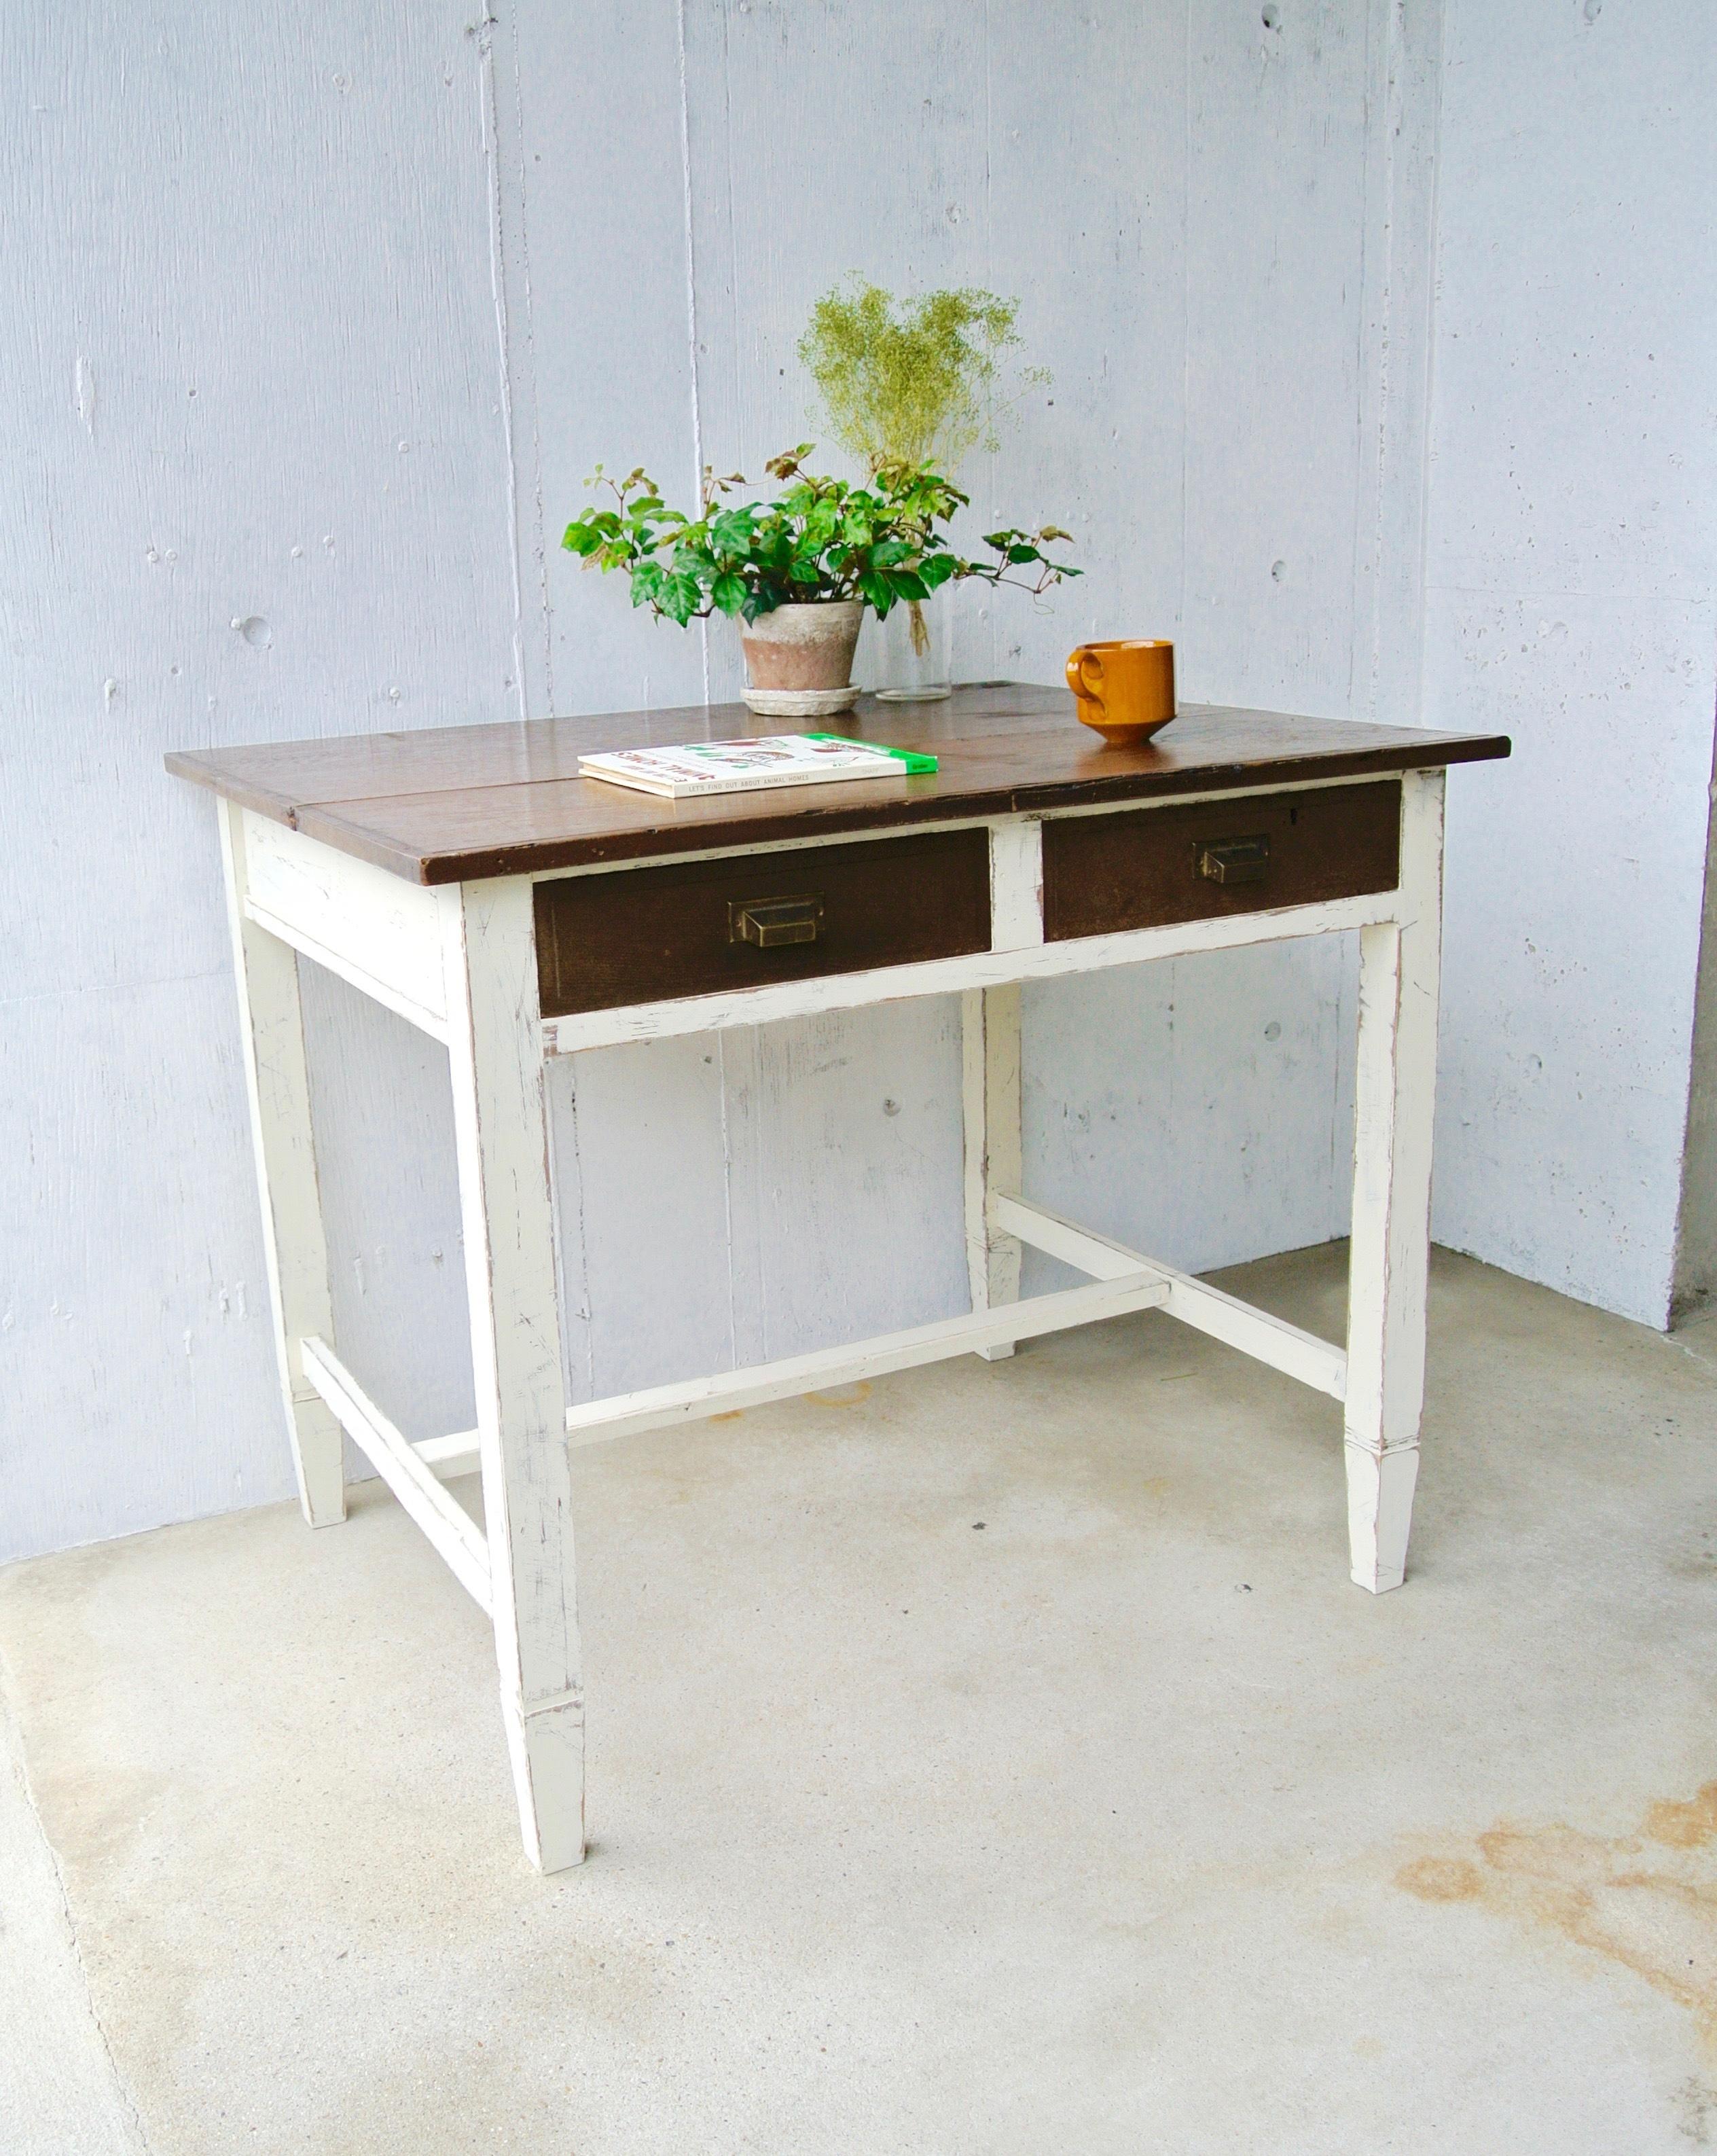 木天板×白脚のテーブル[オリジナルリメイク]